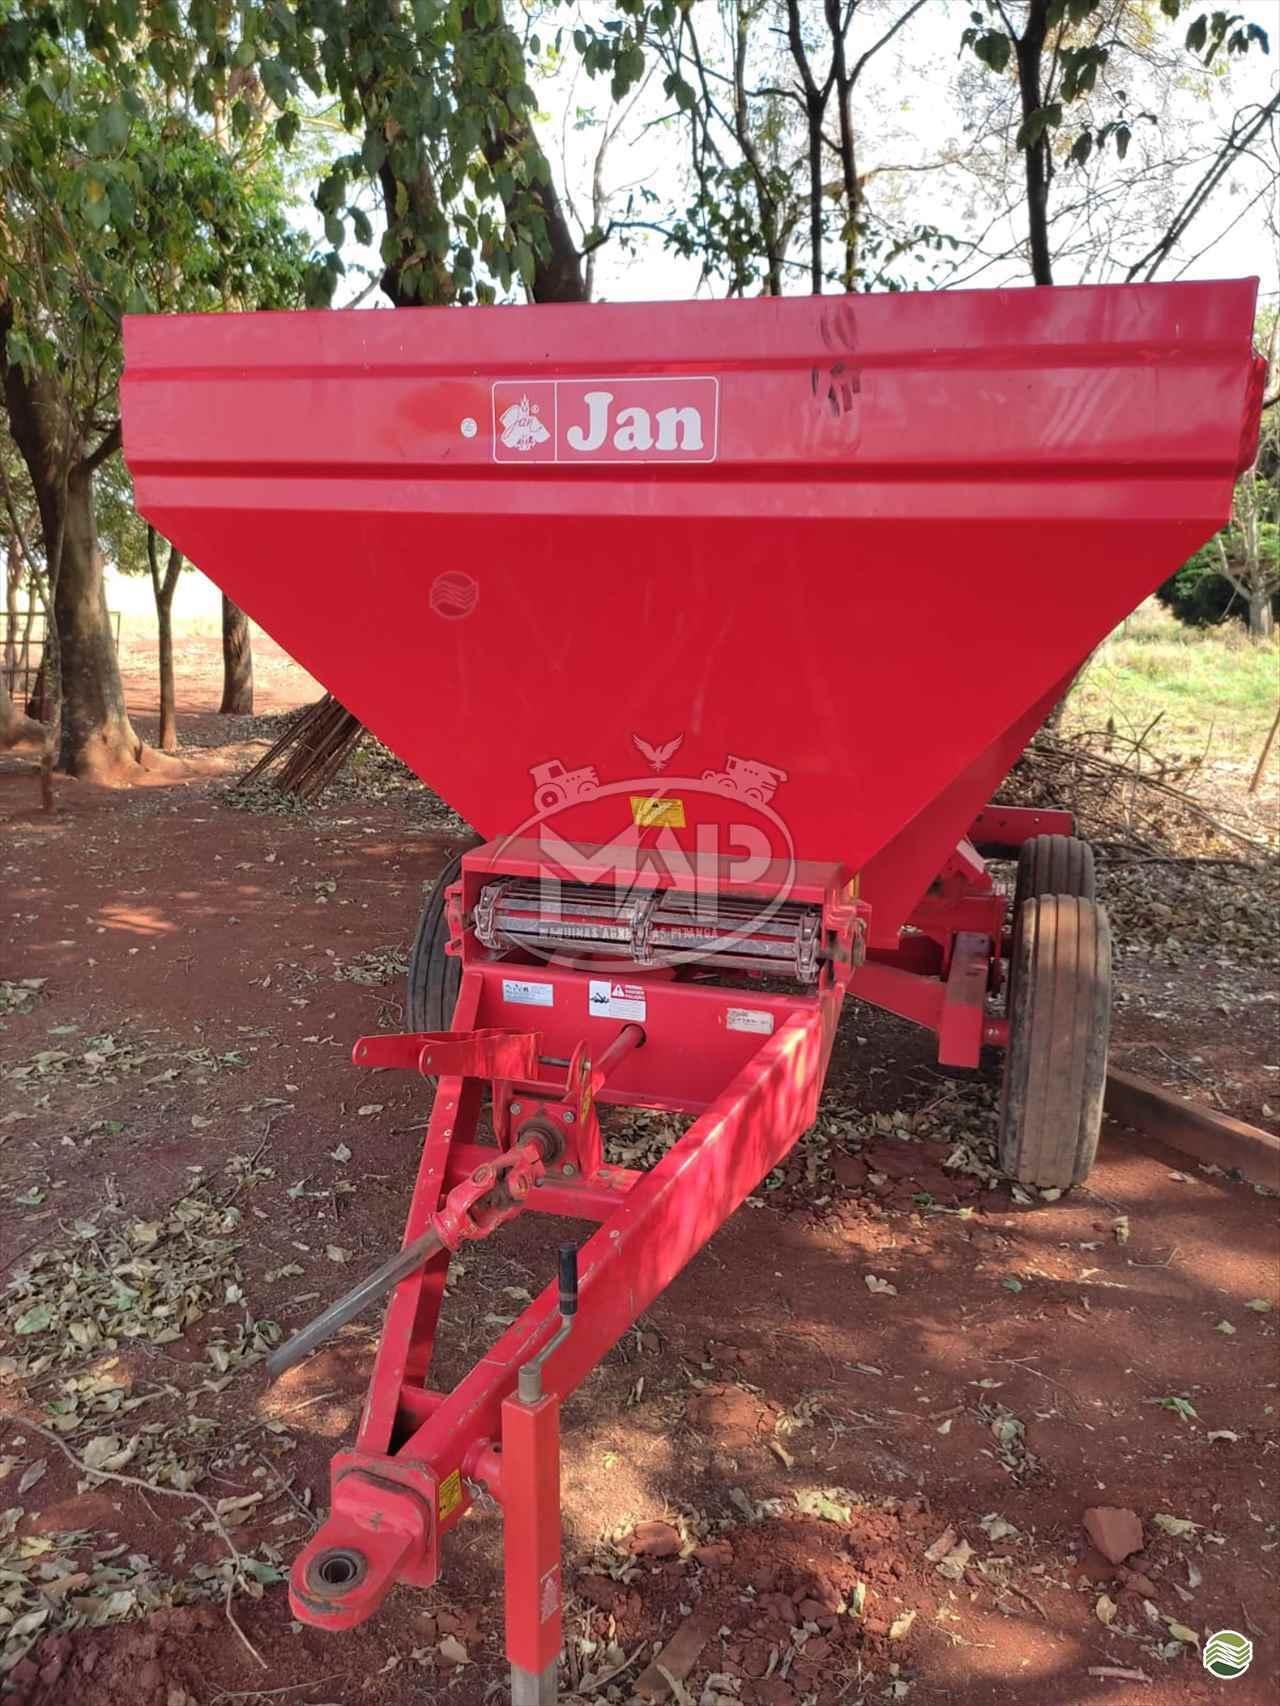 IMPLEMENTOS AGRICOLAS CARRETA BAZUKA GRANELEIRA 12000 Máquinas Agrícolas Pitanga PITANGA PARANÁ PR